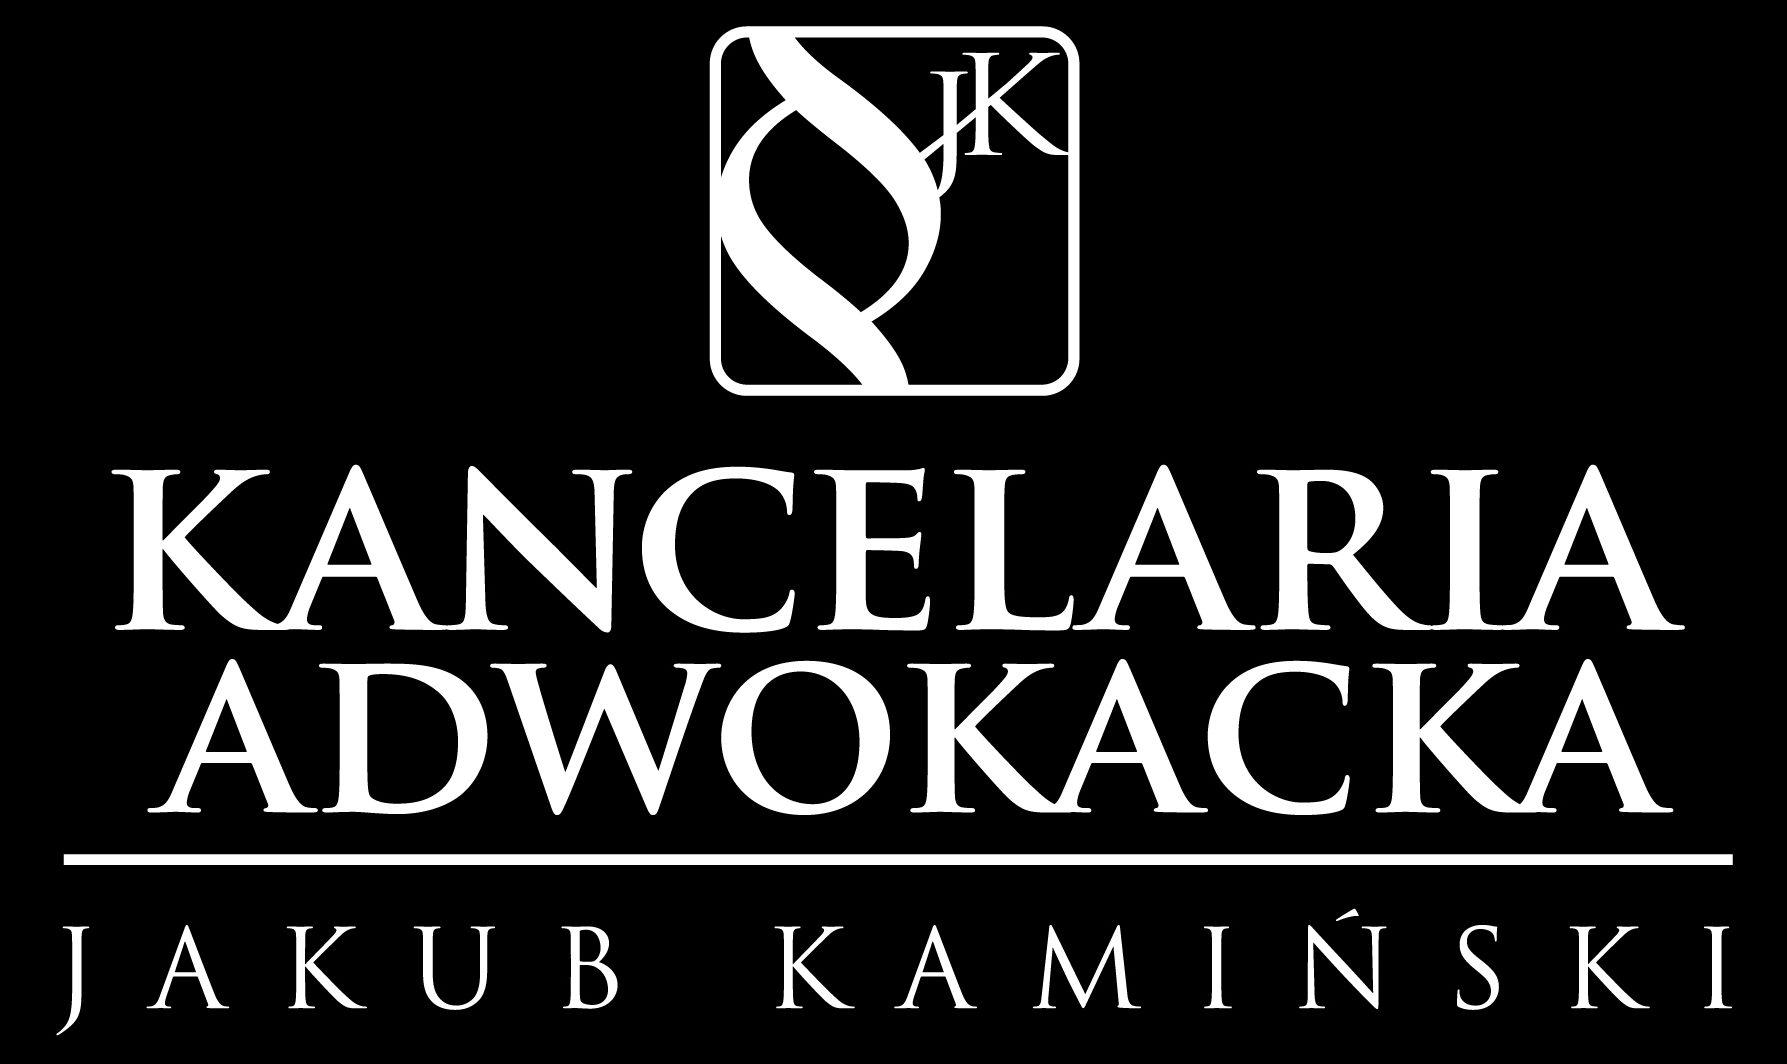 Adwokat Kamiński – Prawnik Toruń – Kancelaria Adwokacka w Toruniu